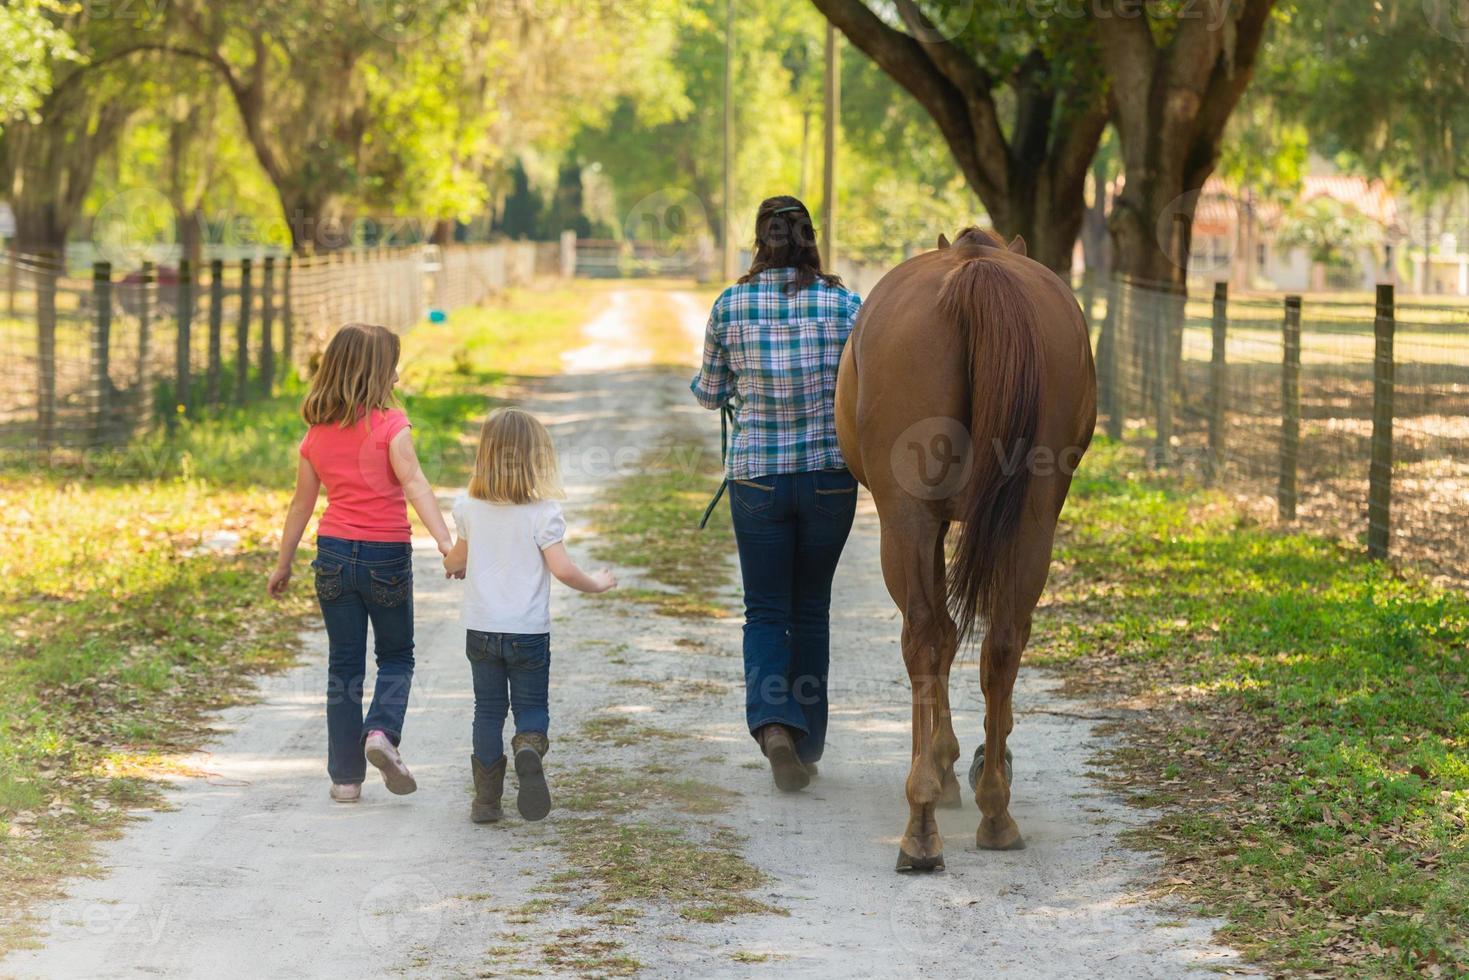 gezin met een paard foto